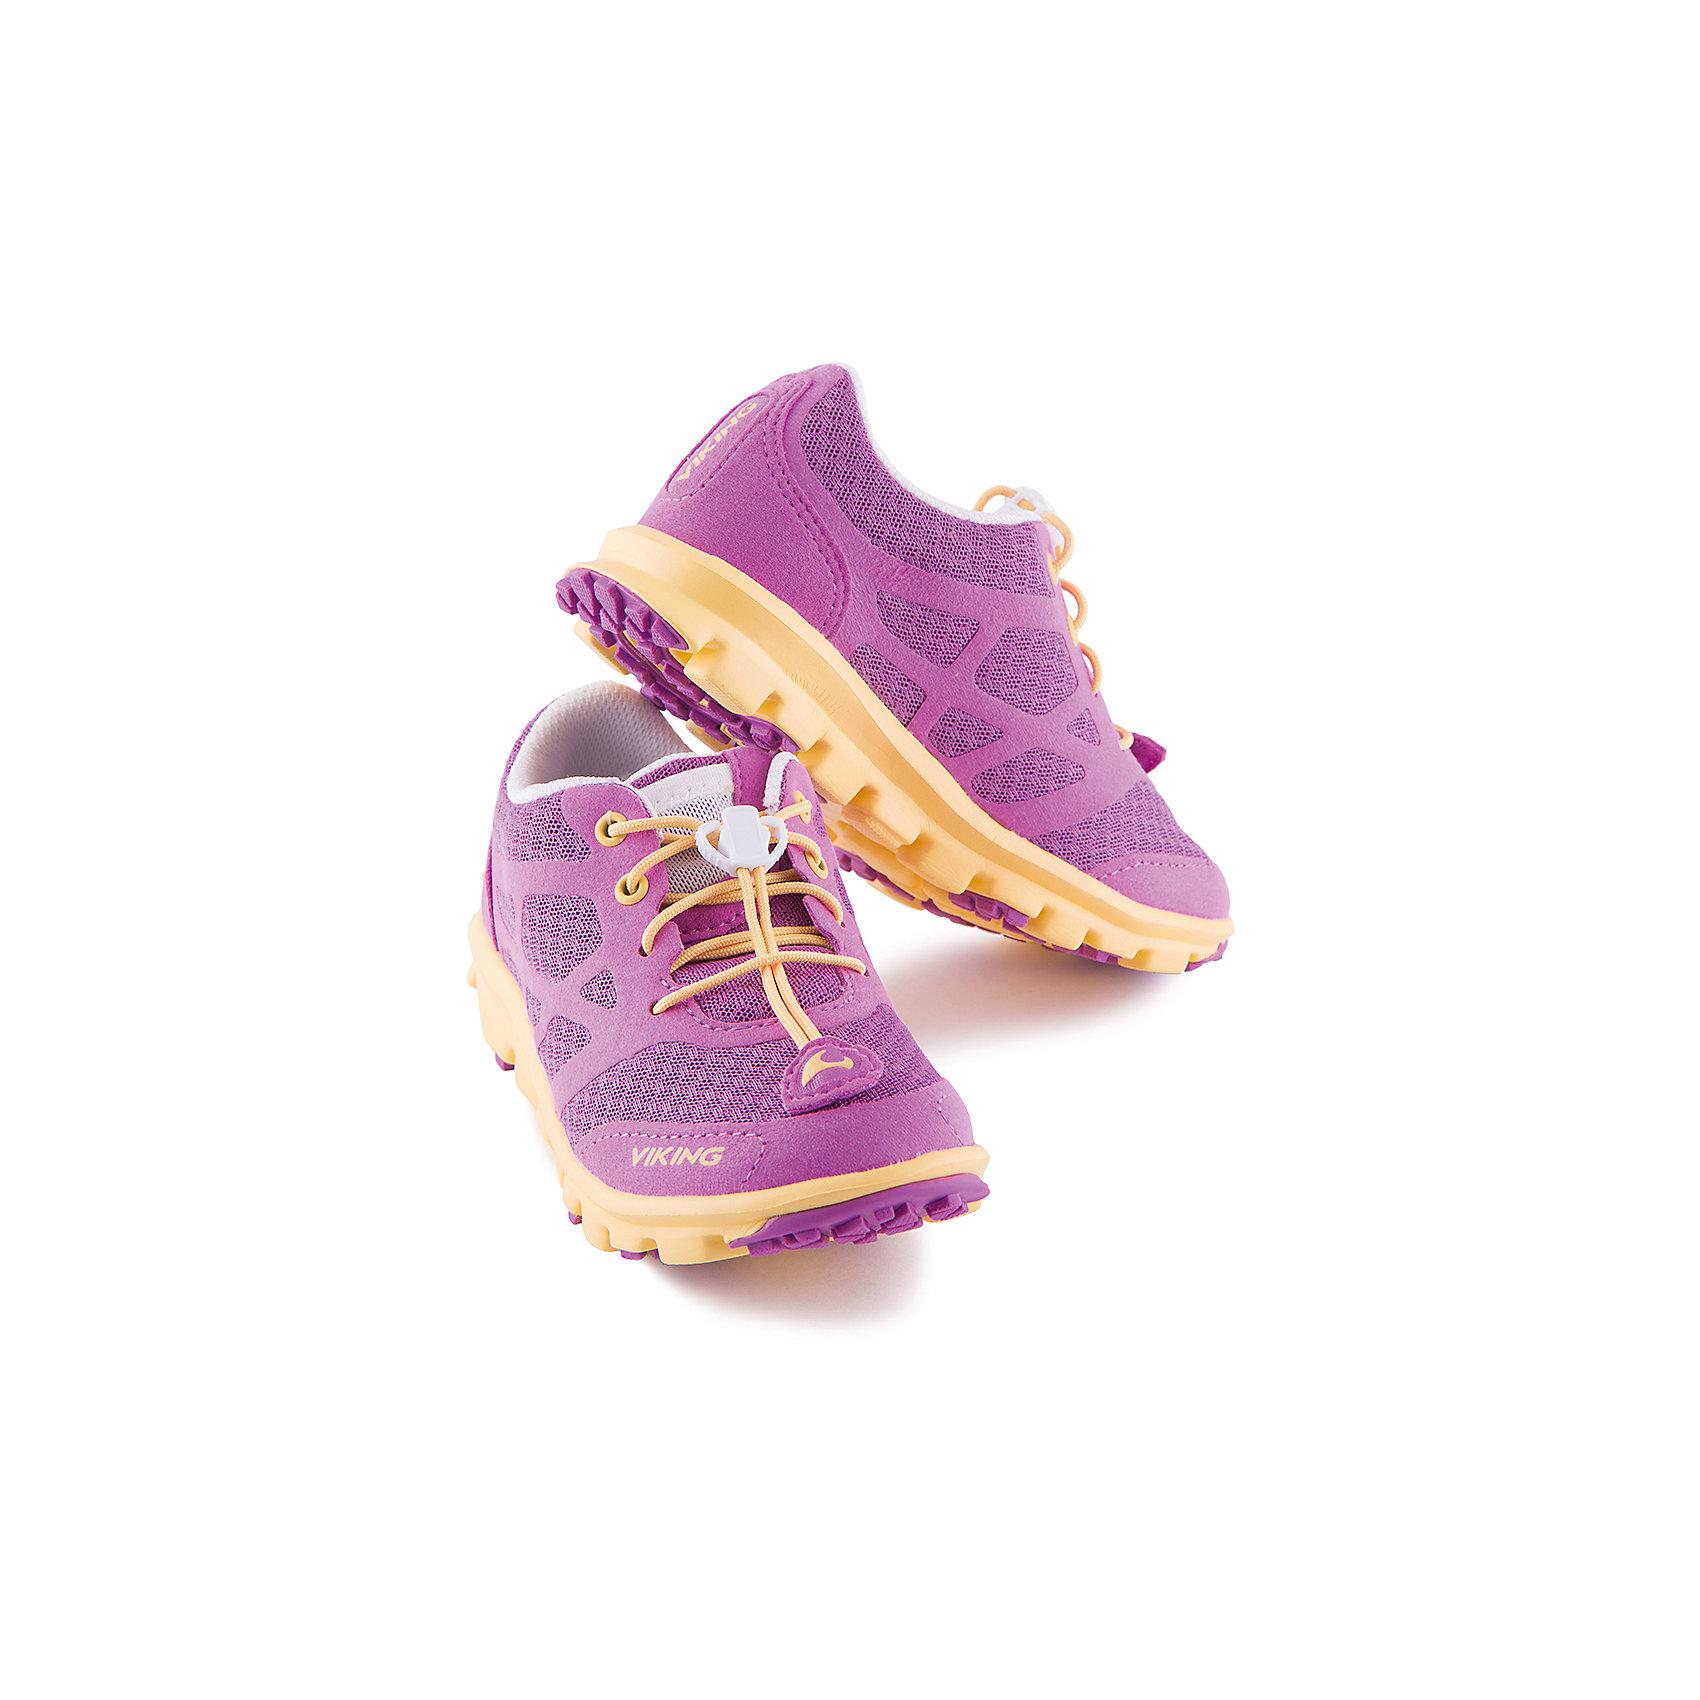 Кроссовки для девочки VIKINGКроссовки для девочки от марки VIKING - прекрасный вариант для активного отдыха или спортивных занятий! Модель на шнуровке с утяжкой очень удобно снимать и надевать. Рифленая подошва и небольшой каблук обеспечат комфорт, устойчивость и отличное сцепление с поверхностью. Кроссовки выполнены из высококачественных материалов, имеют текстильные вставки позволяющие воздуху свободно циркулировать. Прекрасный вариант для вашего ребенка. <br><br>Дополнительная информация:<br><br>- Тип застежки:  шнуровка с утяжкой. <br>- Декоративные элементы:  логотип бренда.<br>- Рифленая подошва.<br>- Стирка: щадящий режим, 30 ?.<br>Параметры для размера 34.<br>- Толщина подошвы: 1,8 см <br>- Высота каблука: 2,5 см.<br>Состав:<br>текстиль, искусственная кожа, этиленвинилацетат, натуральная резина.<br><br>Кроссовки для девочки VIKING (Викинг) можно купить в нашем магазине.<br><br>Ширина мм: 262<br>Глубина мм: 176<br>Высота мм: 97<br>Вес г: 427<br>Цвет: фиолетовый<br>Возраст от месяцев: 156<br>Возраст до месяцев: 1188<br>Пол: Женский<br>Возраст: Детский<br>Размер: 34,36,37,35,33,38,30,28,29,31,32<br>SKU: 4233234